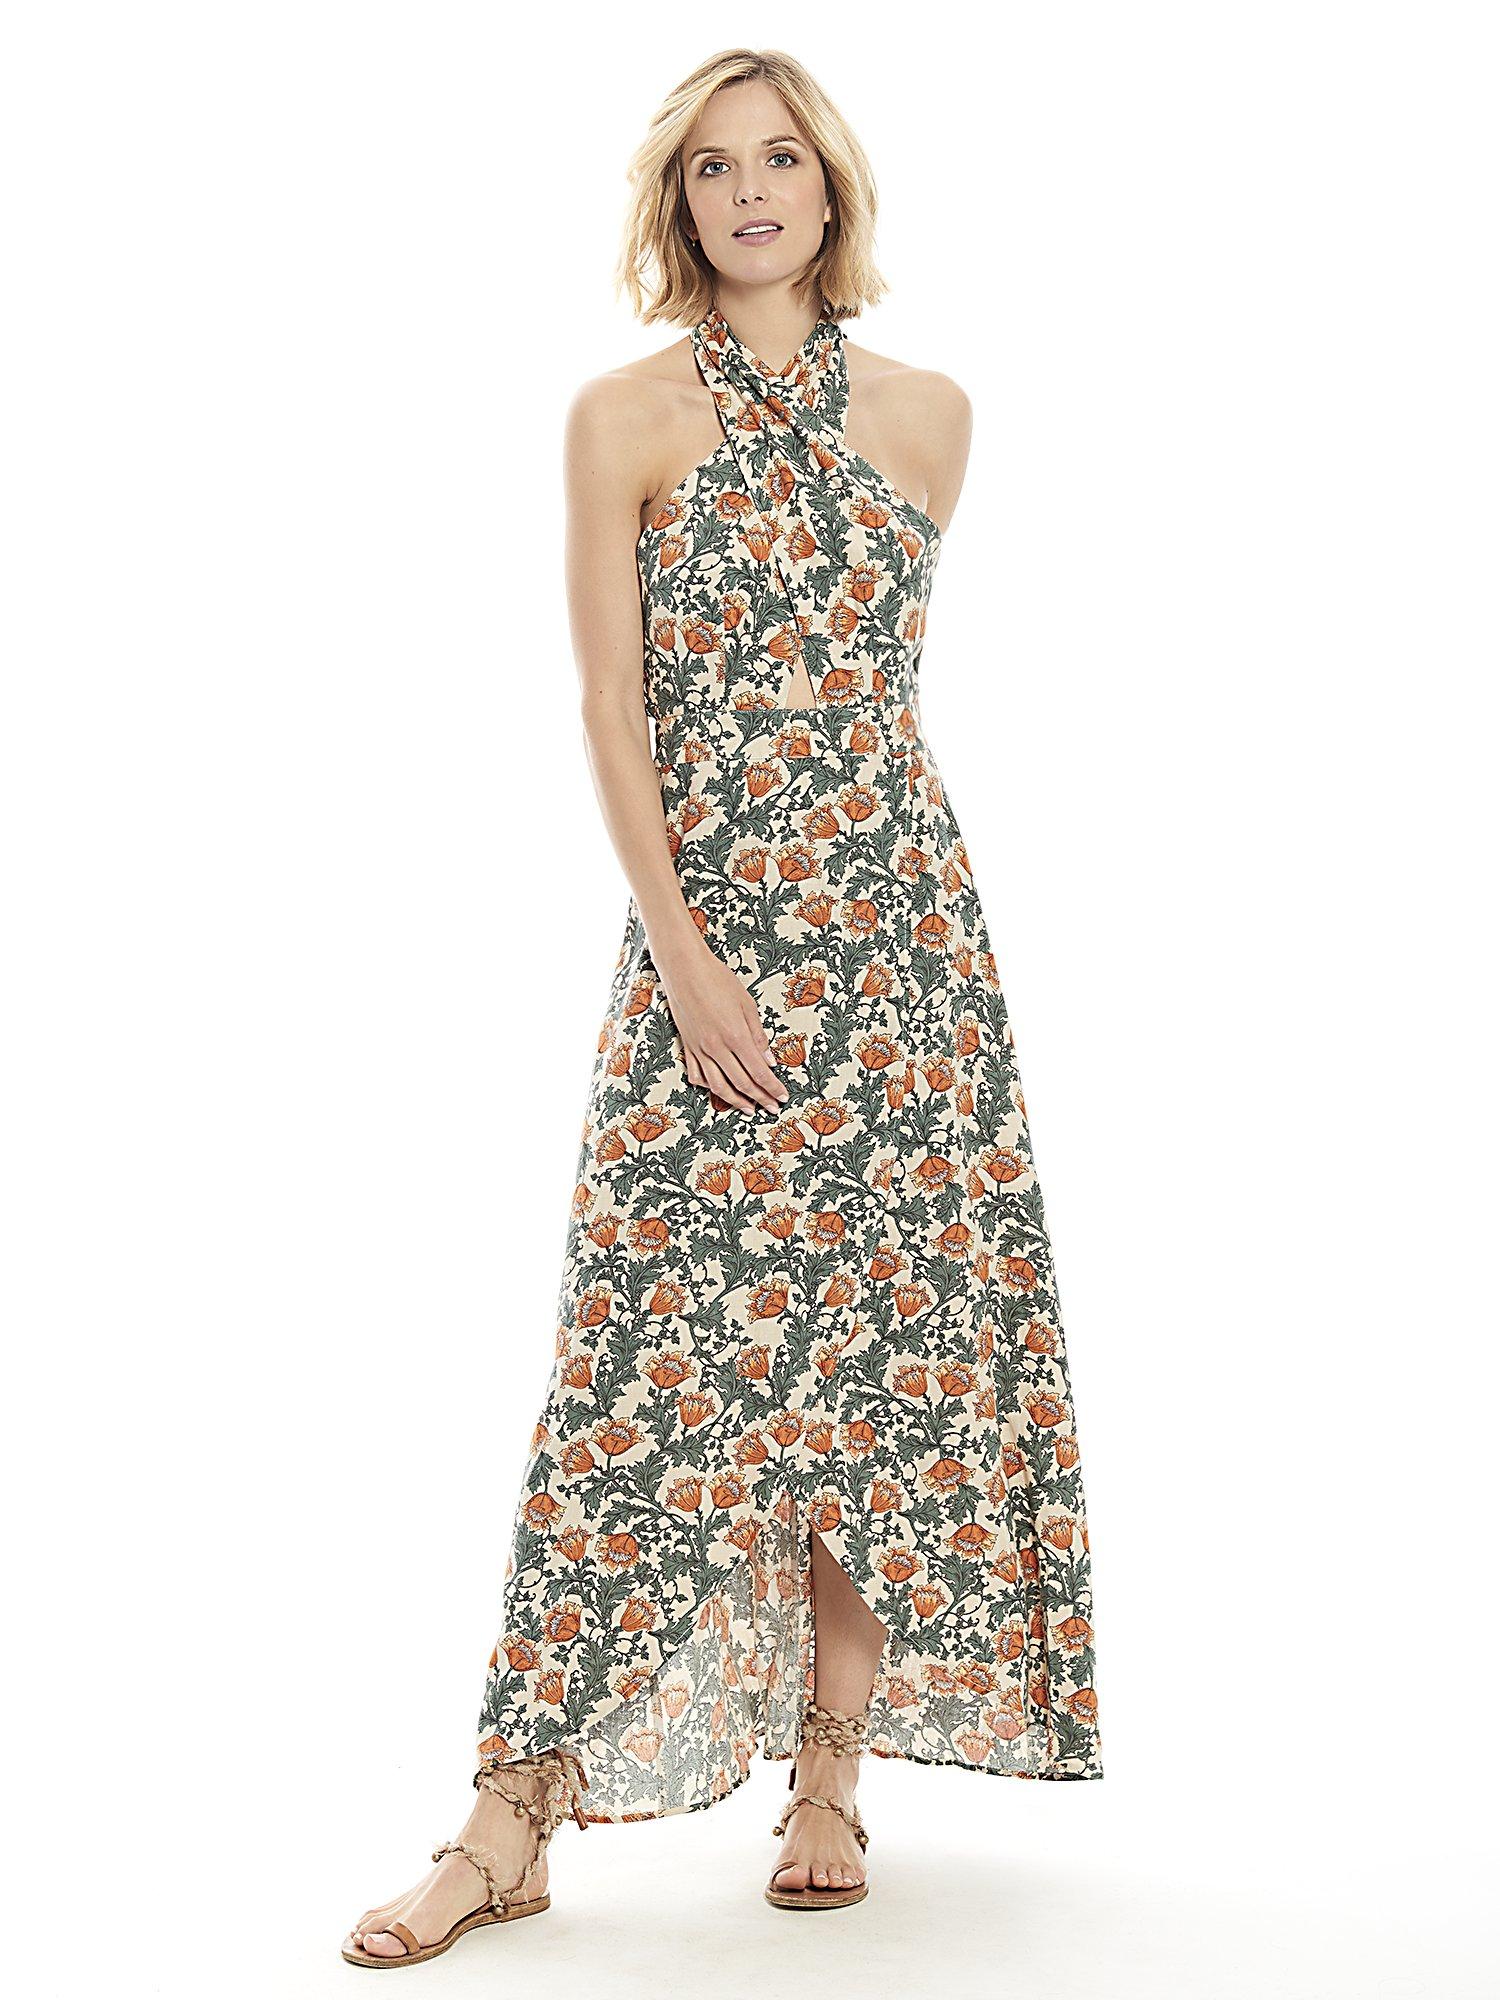 Tide-Halter-Maxi-Dress_08810448_940.jpg